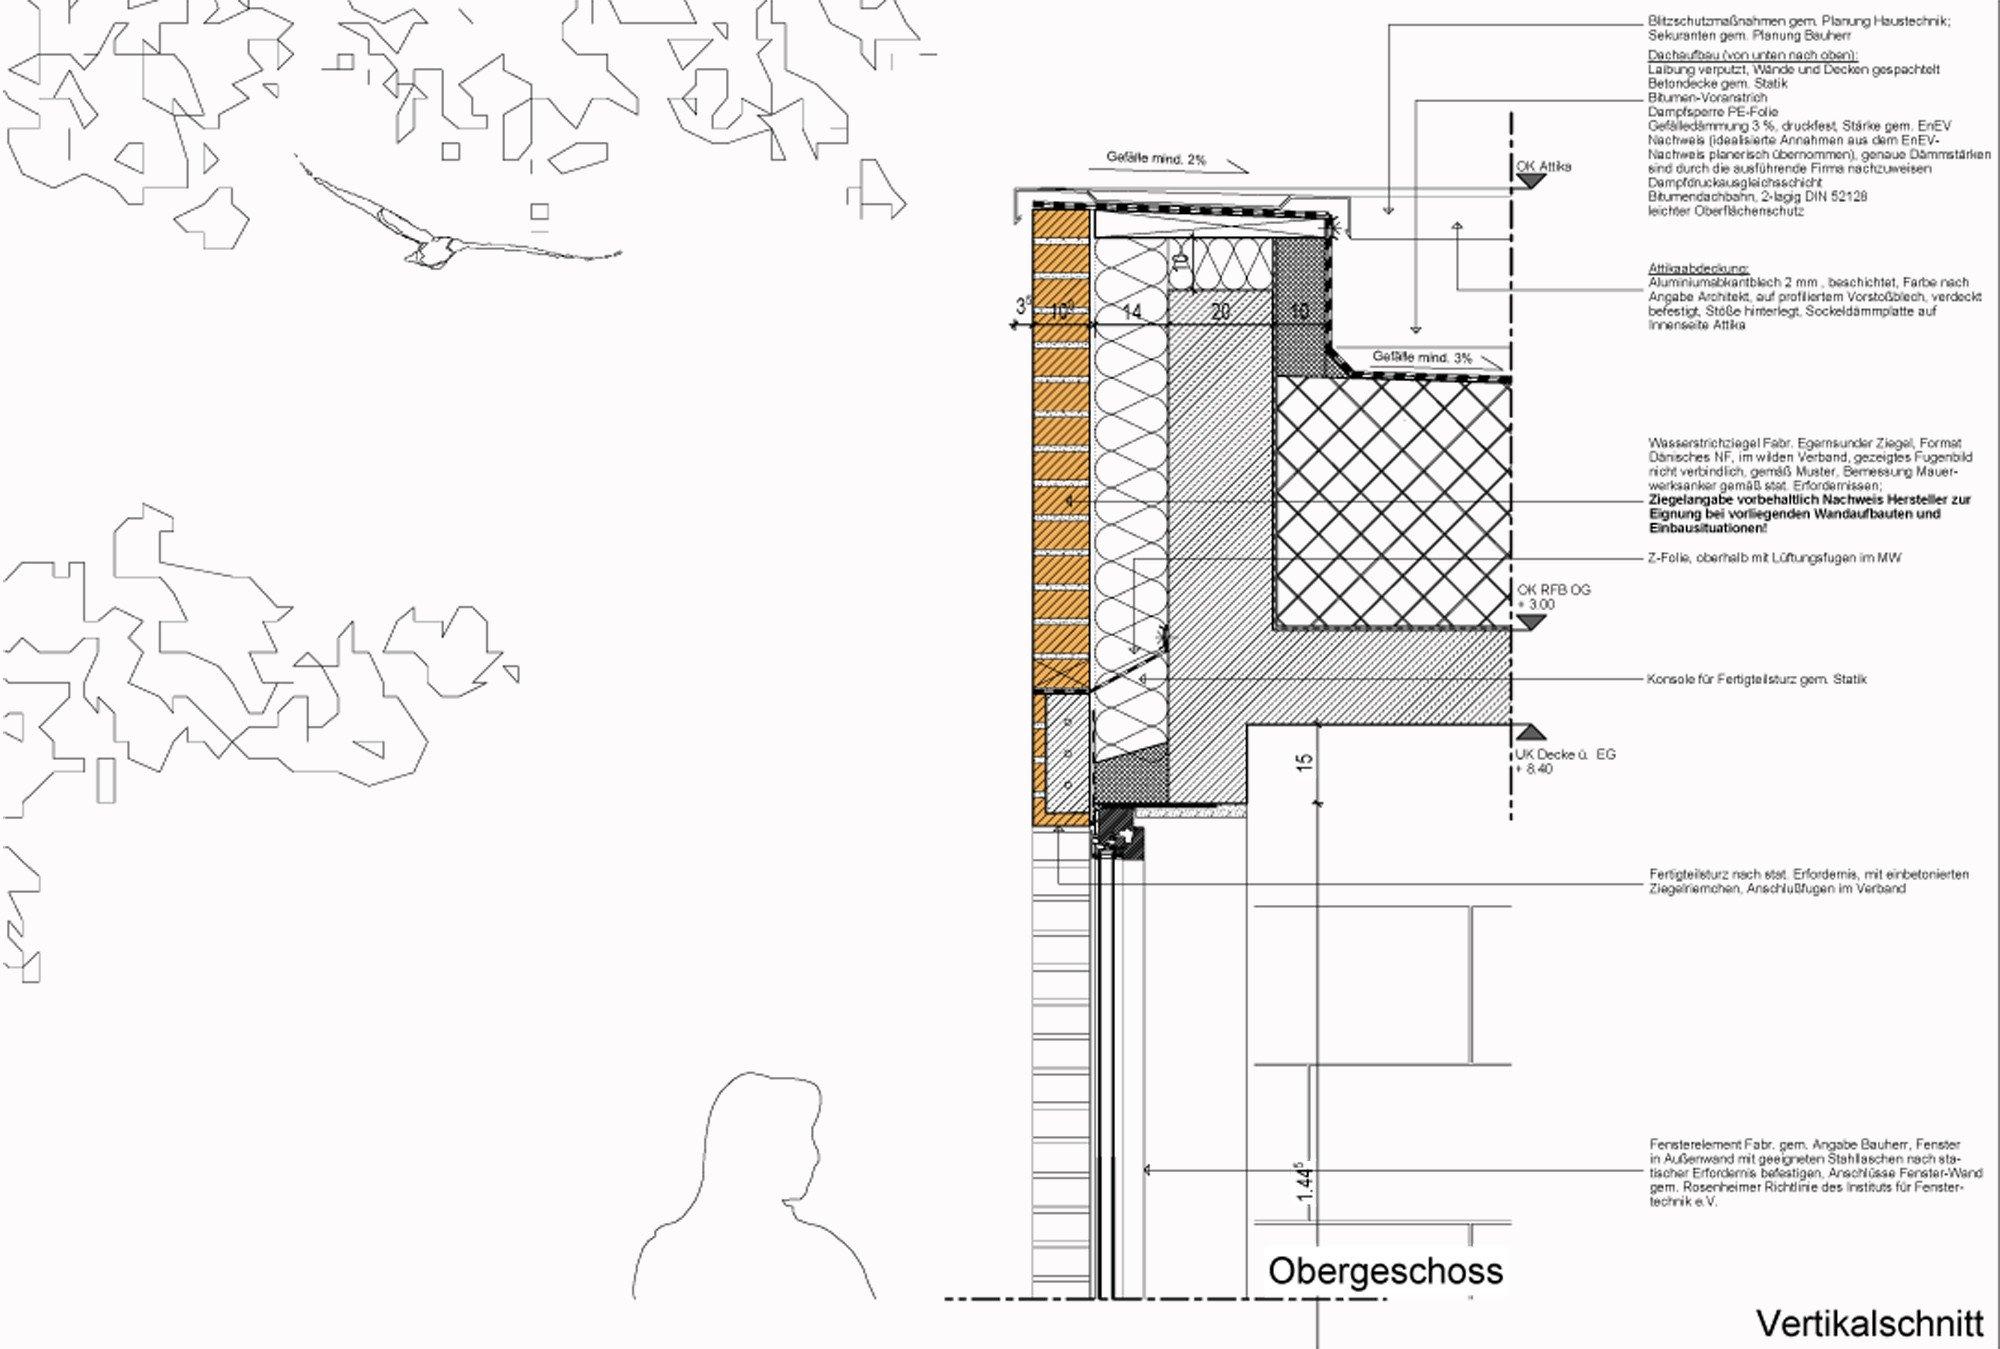 wohnbebauung kleine horst in hamburg flachdach wohnen baunetz wissen. Black Bedroom Furniture Sets. Home Design Ideas